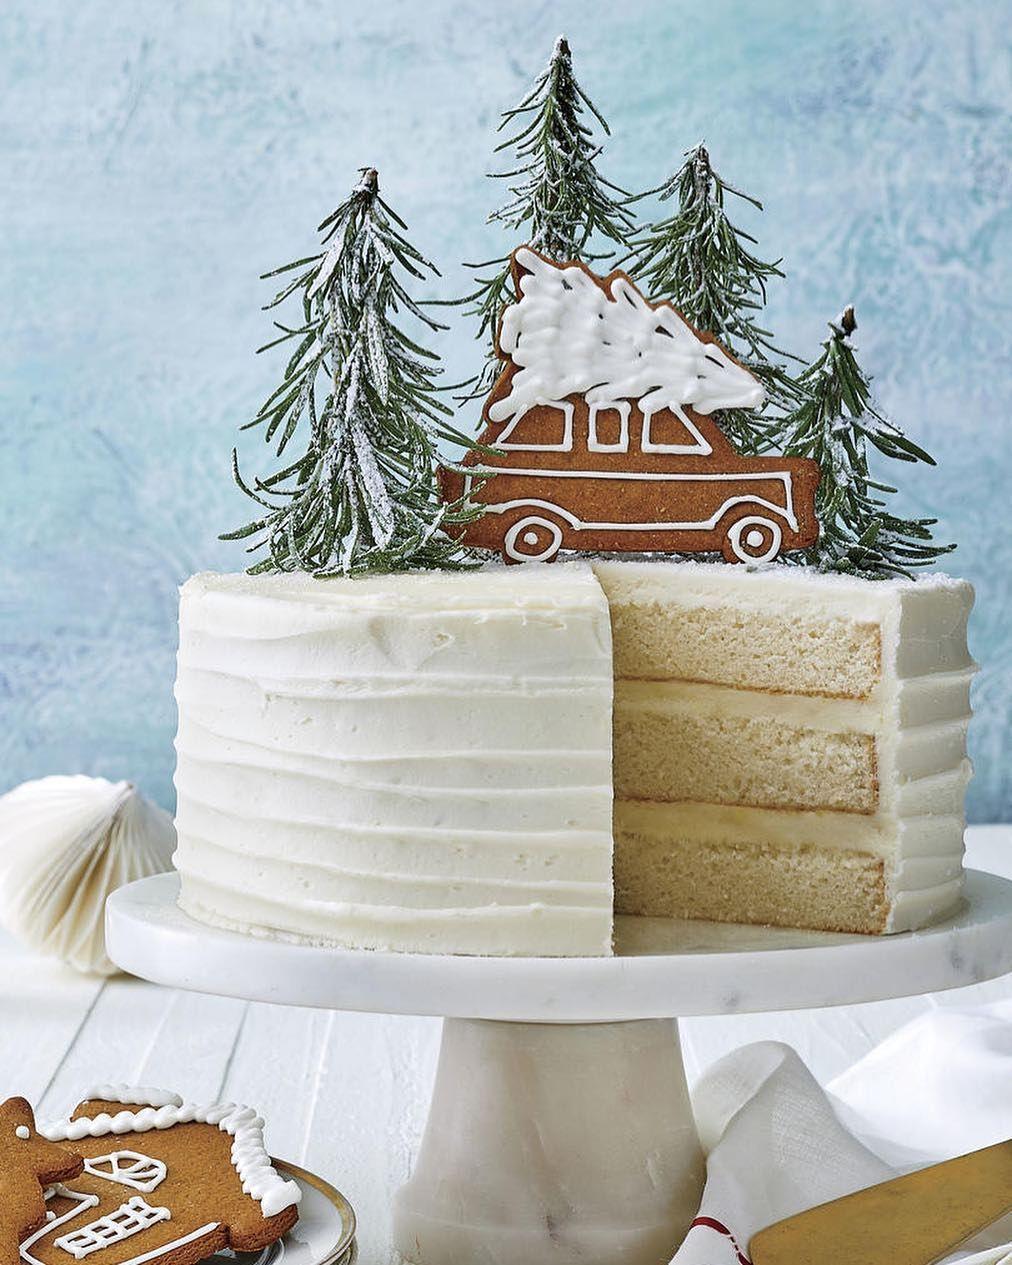 Ve Guardando Ideas Para Tu Pastel De Navidad Shopfesta Ecumple Cakes Torta Bizcocho Tartas Navideñas Navidad Comida Postres Dulces De Navidad